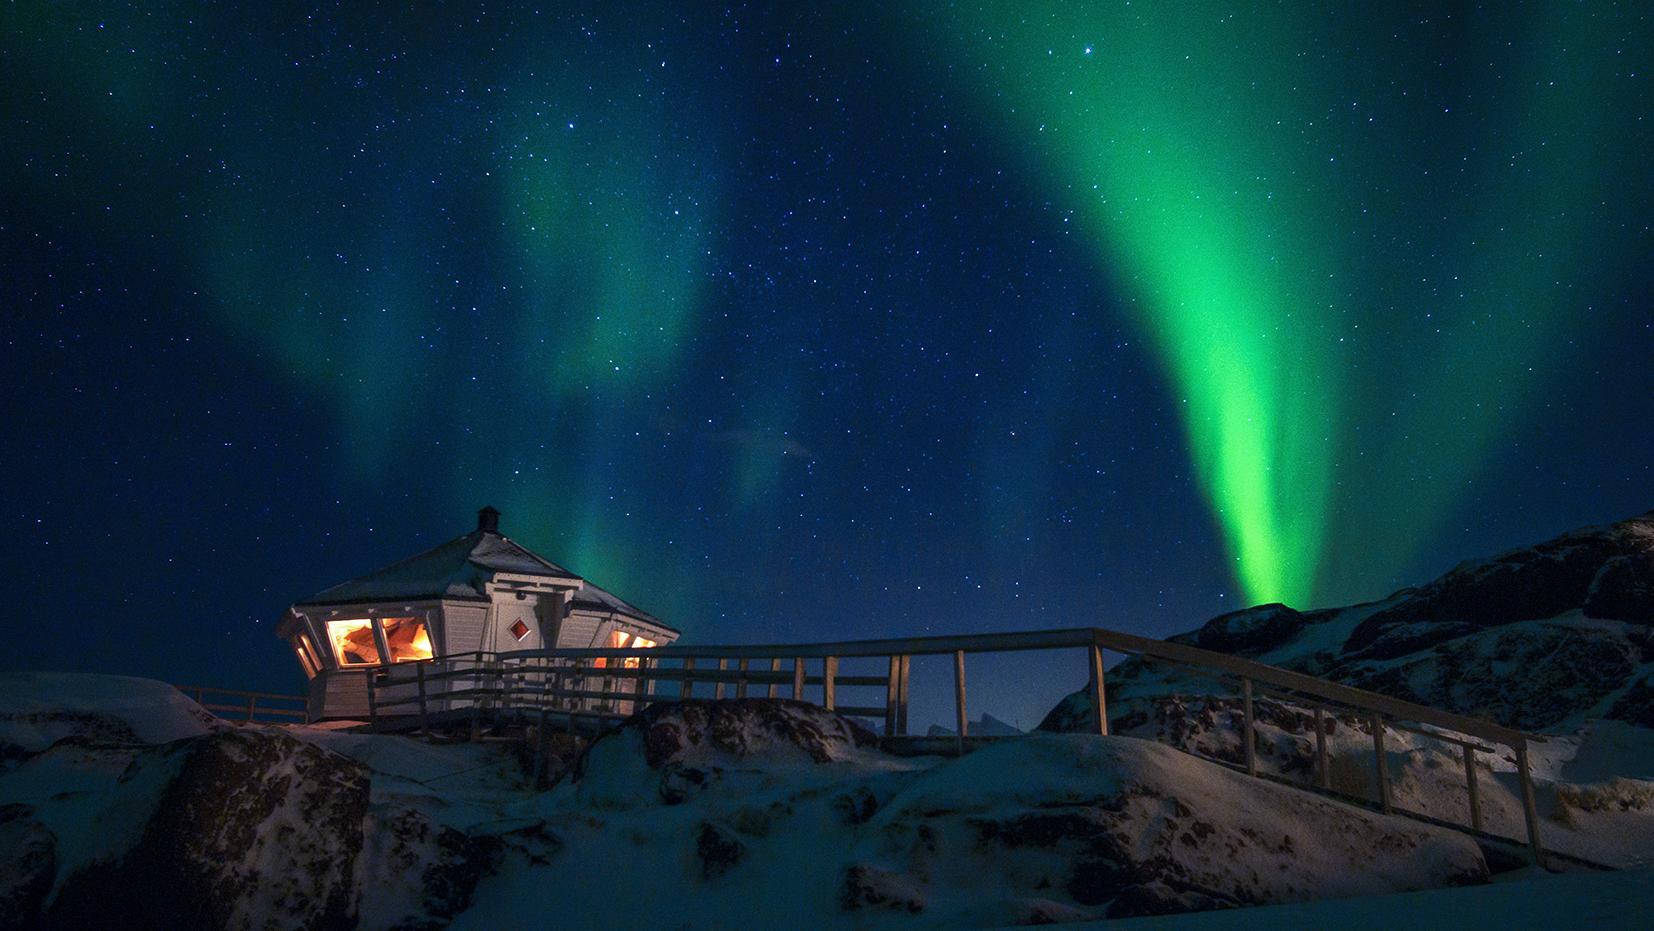 phare neige nuit aurore boréale étoiles Norvège